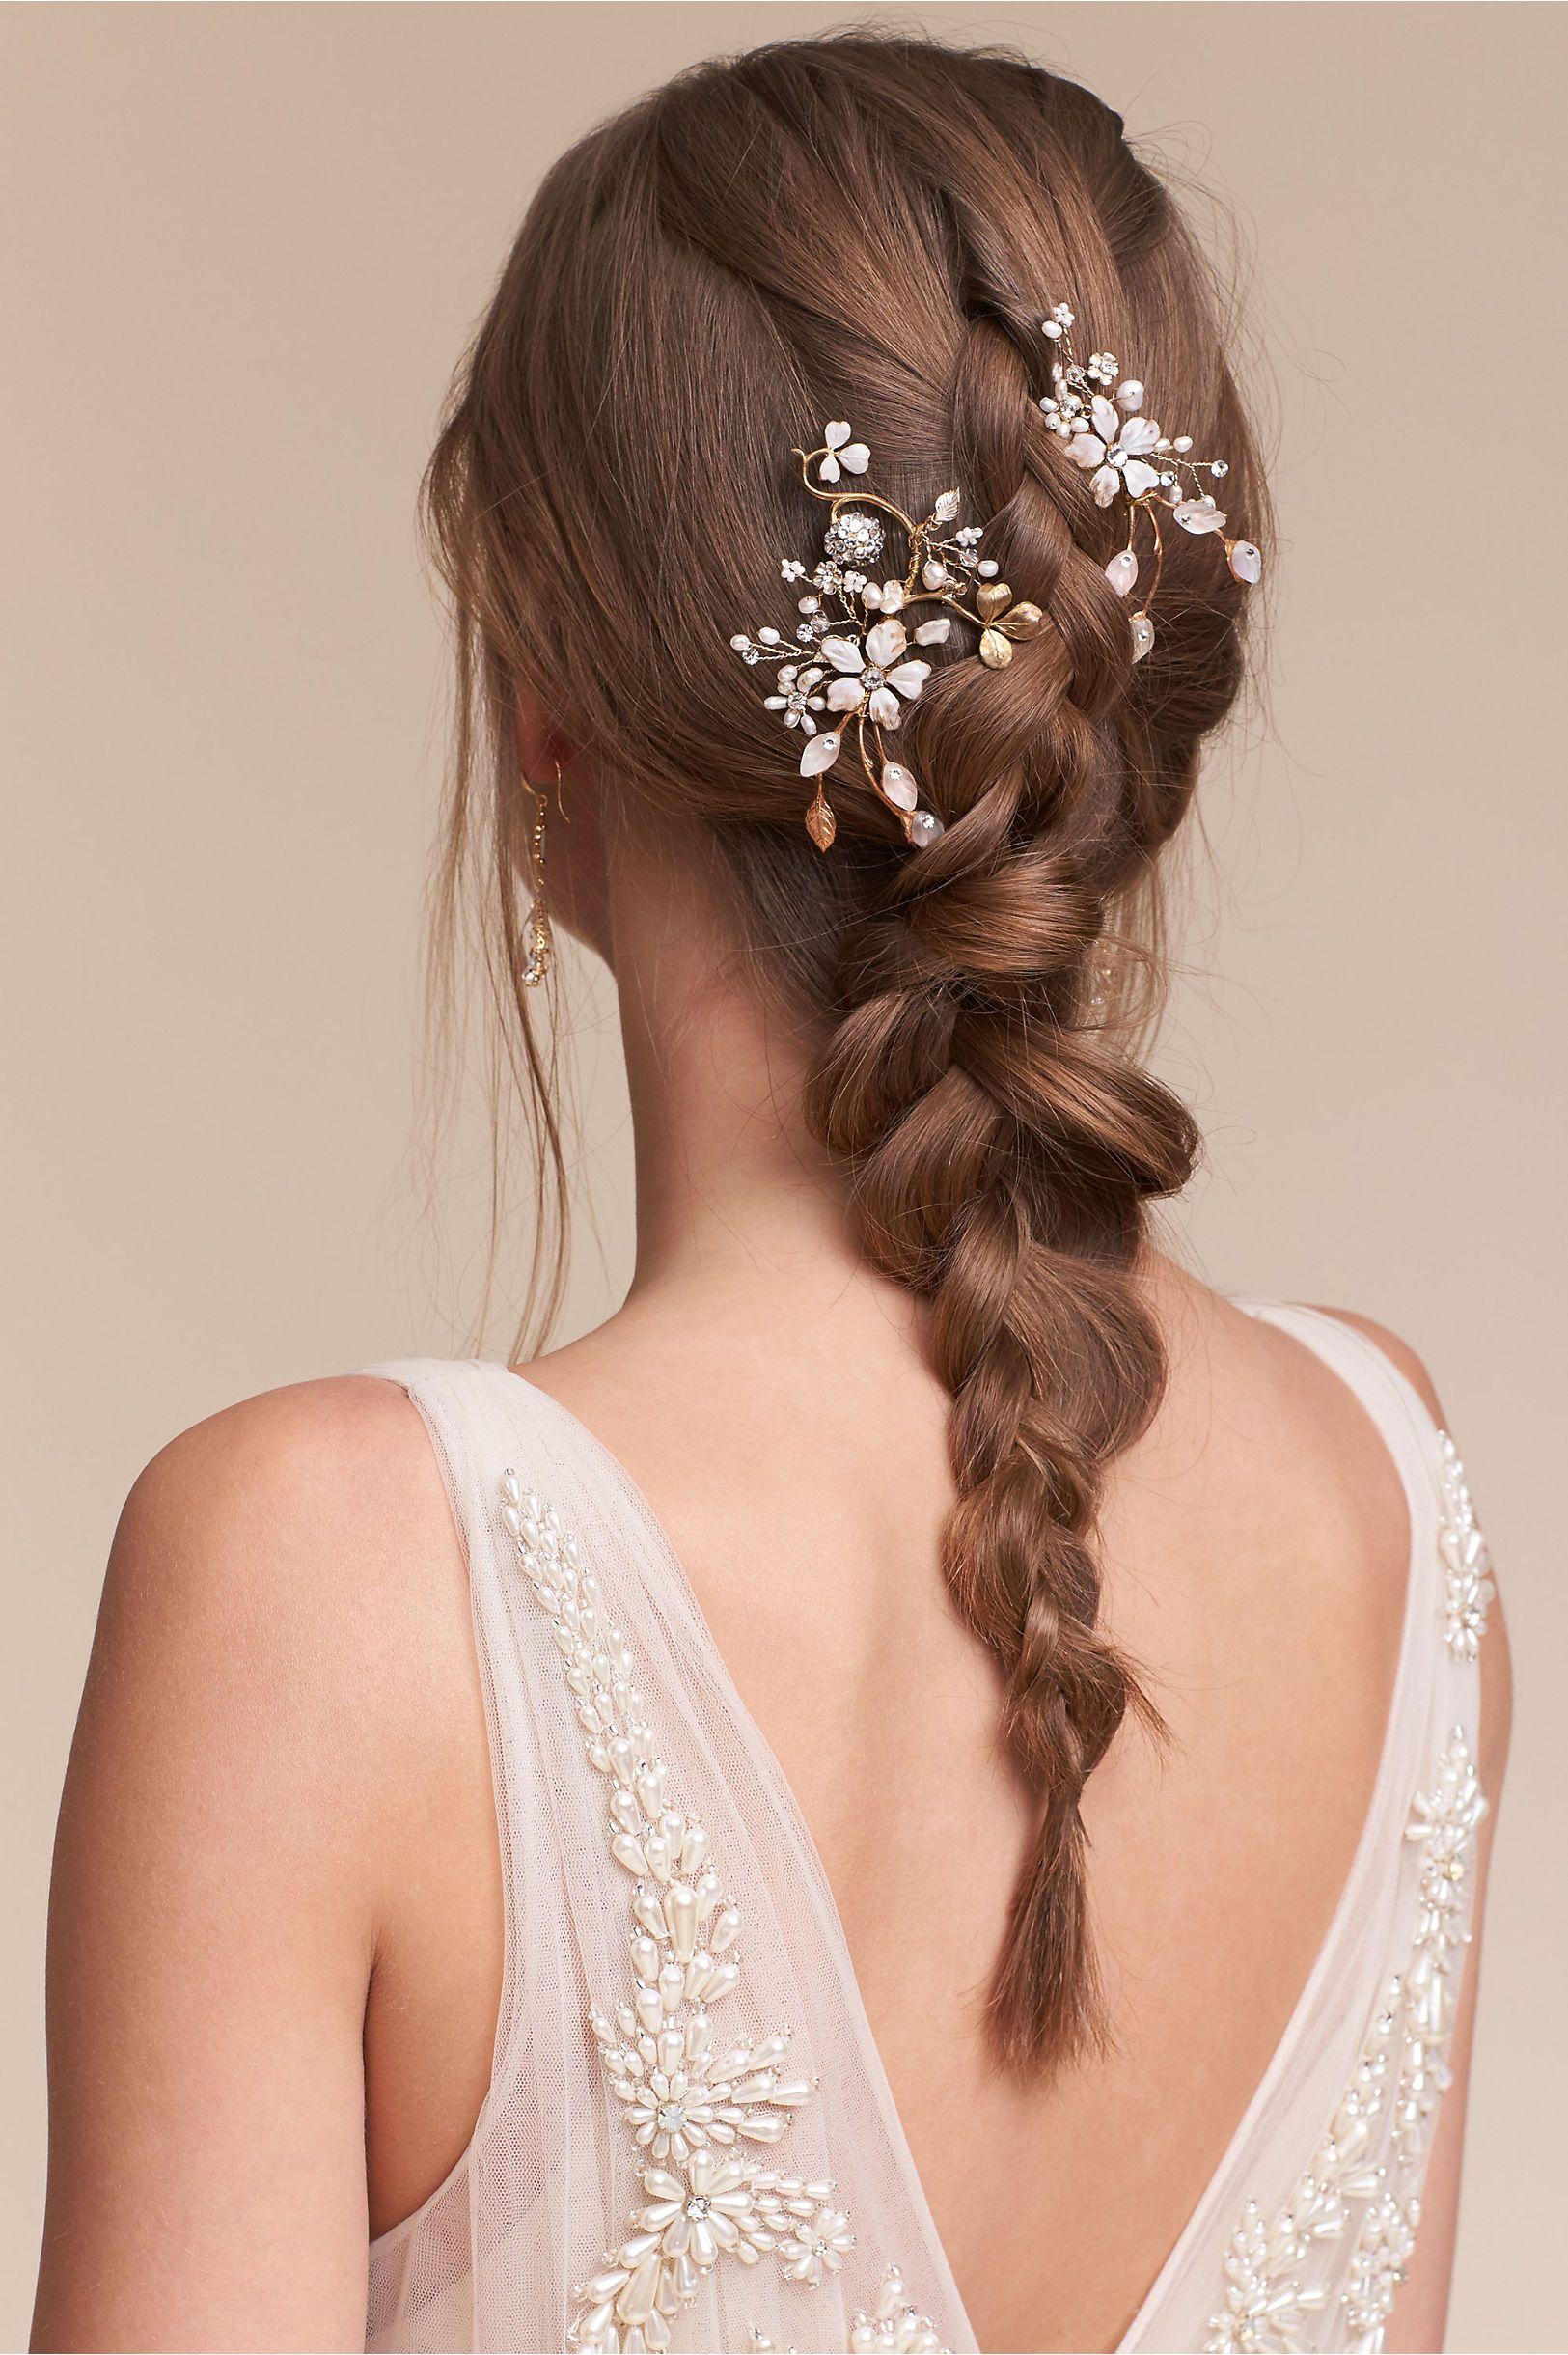 bhldn winter garden combs in bride veils & headpieces pins